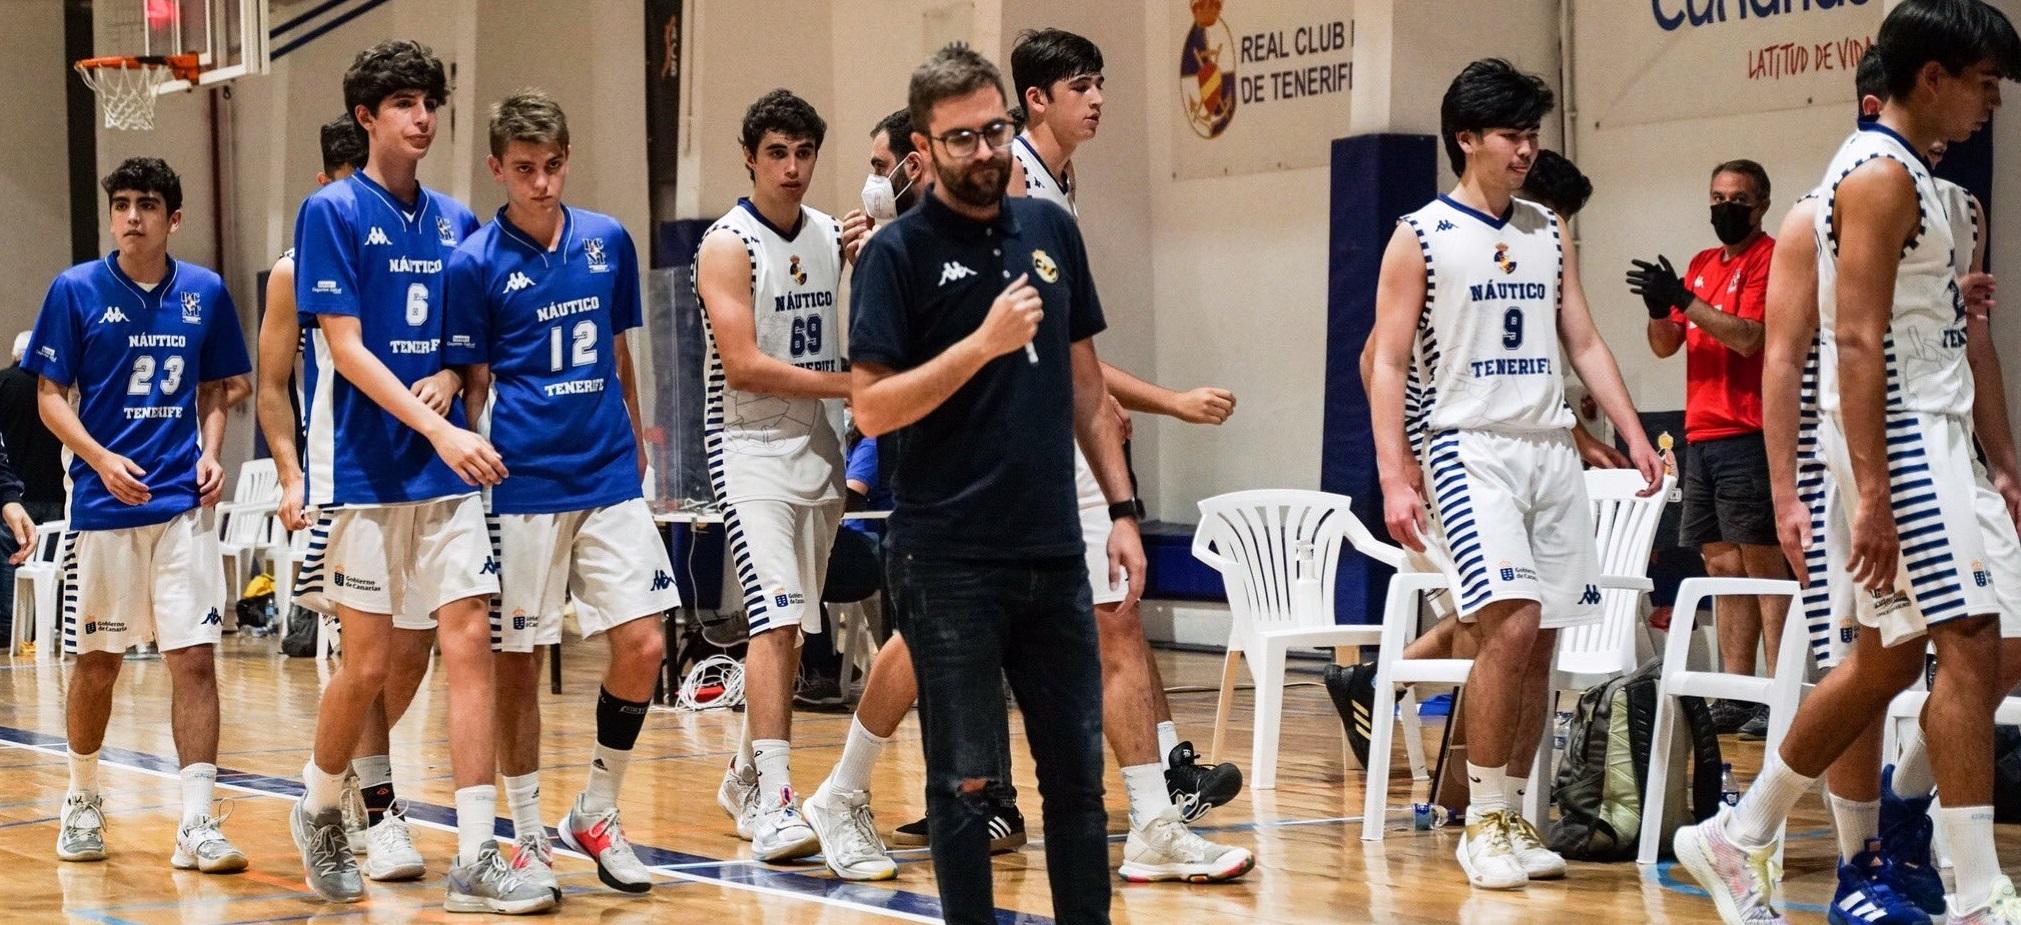 Jorge Montané, posible entrenador del Náutico en EBA la próxima temporada